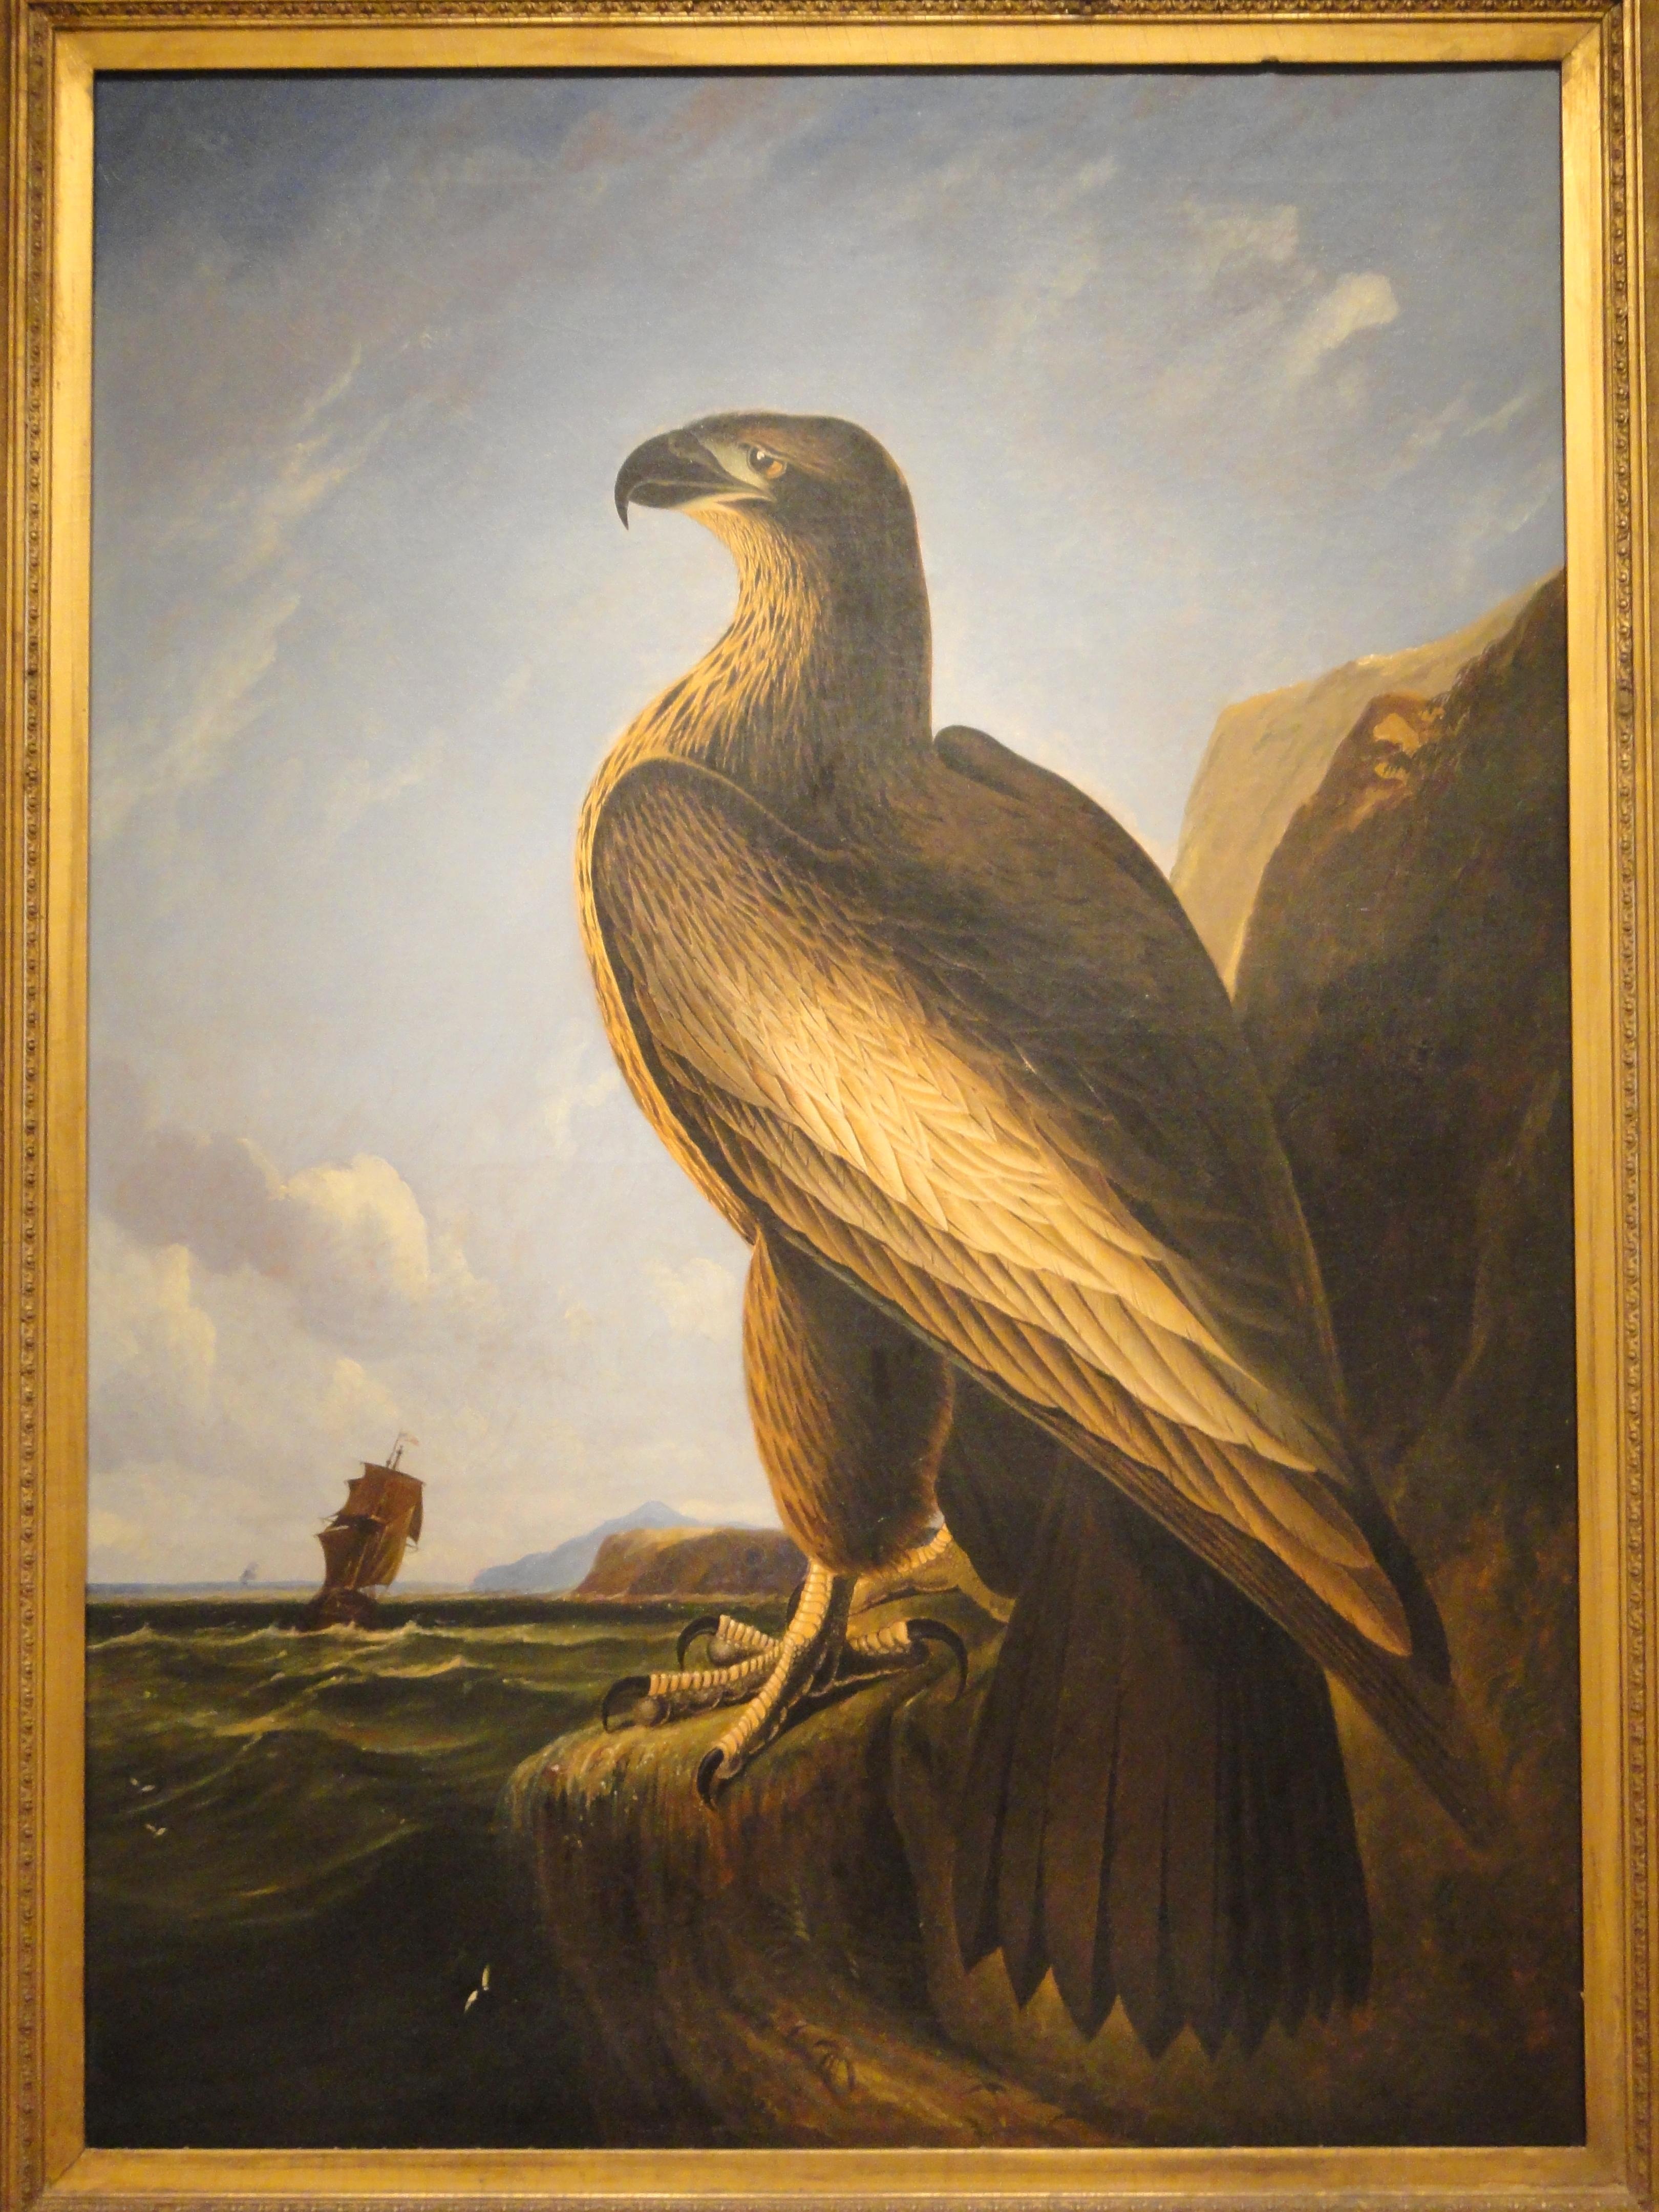 File:Washington Sea Eagle, circa 1836-1839, by John James Audubon ...